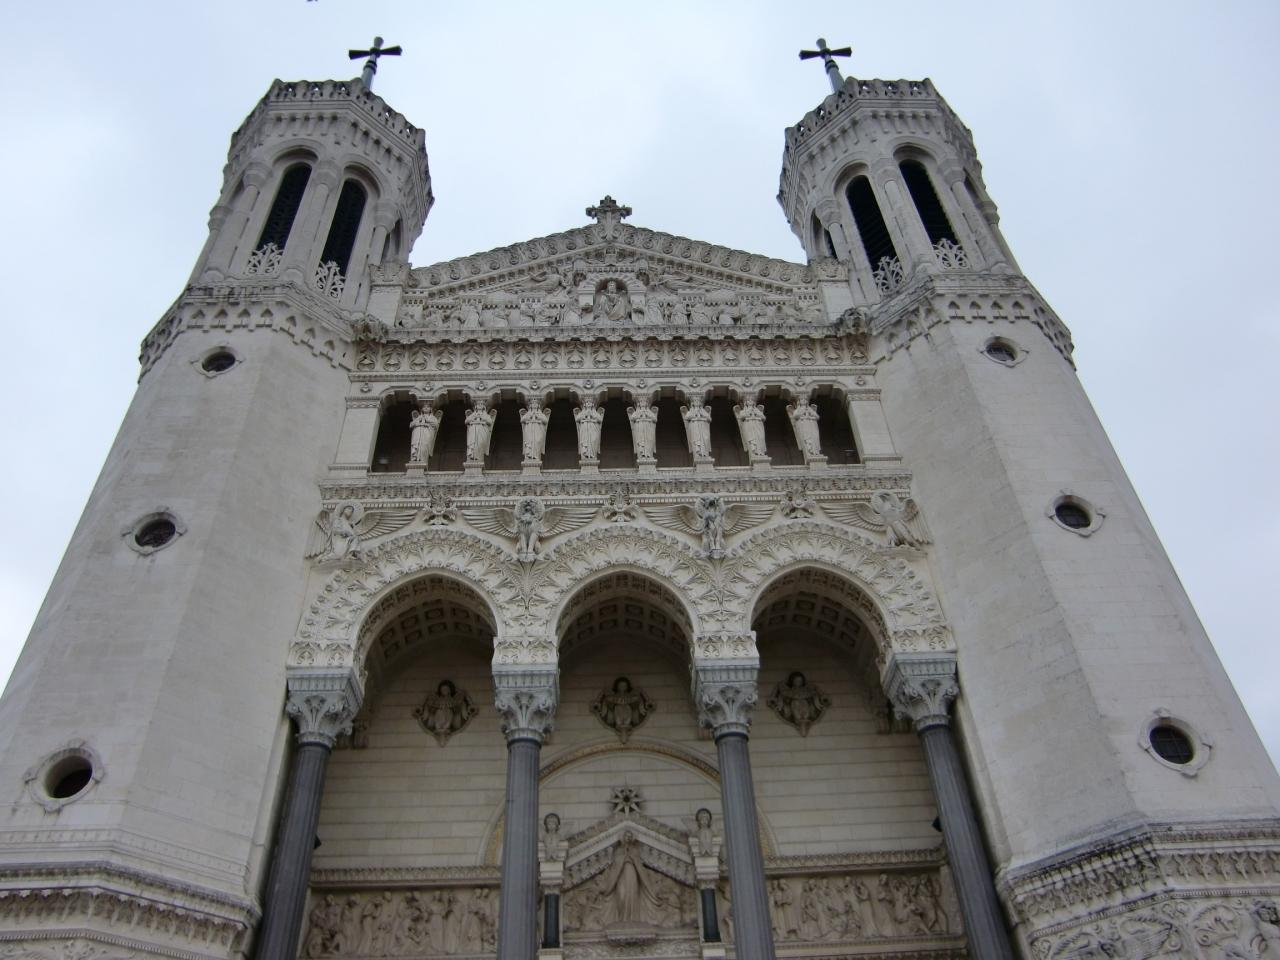 ノートルダム大聖堂 (アミアン)の画像 p1_32